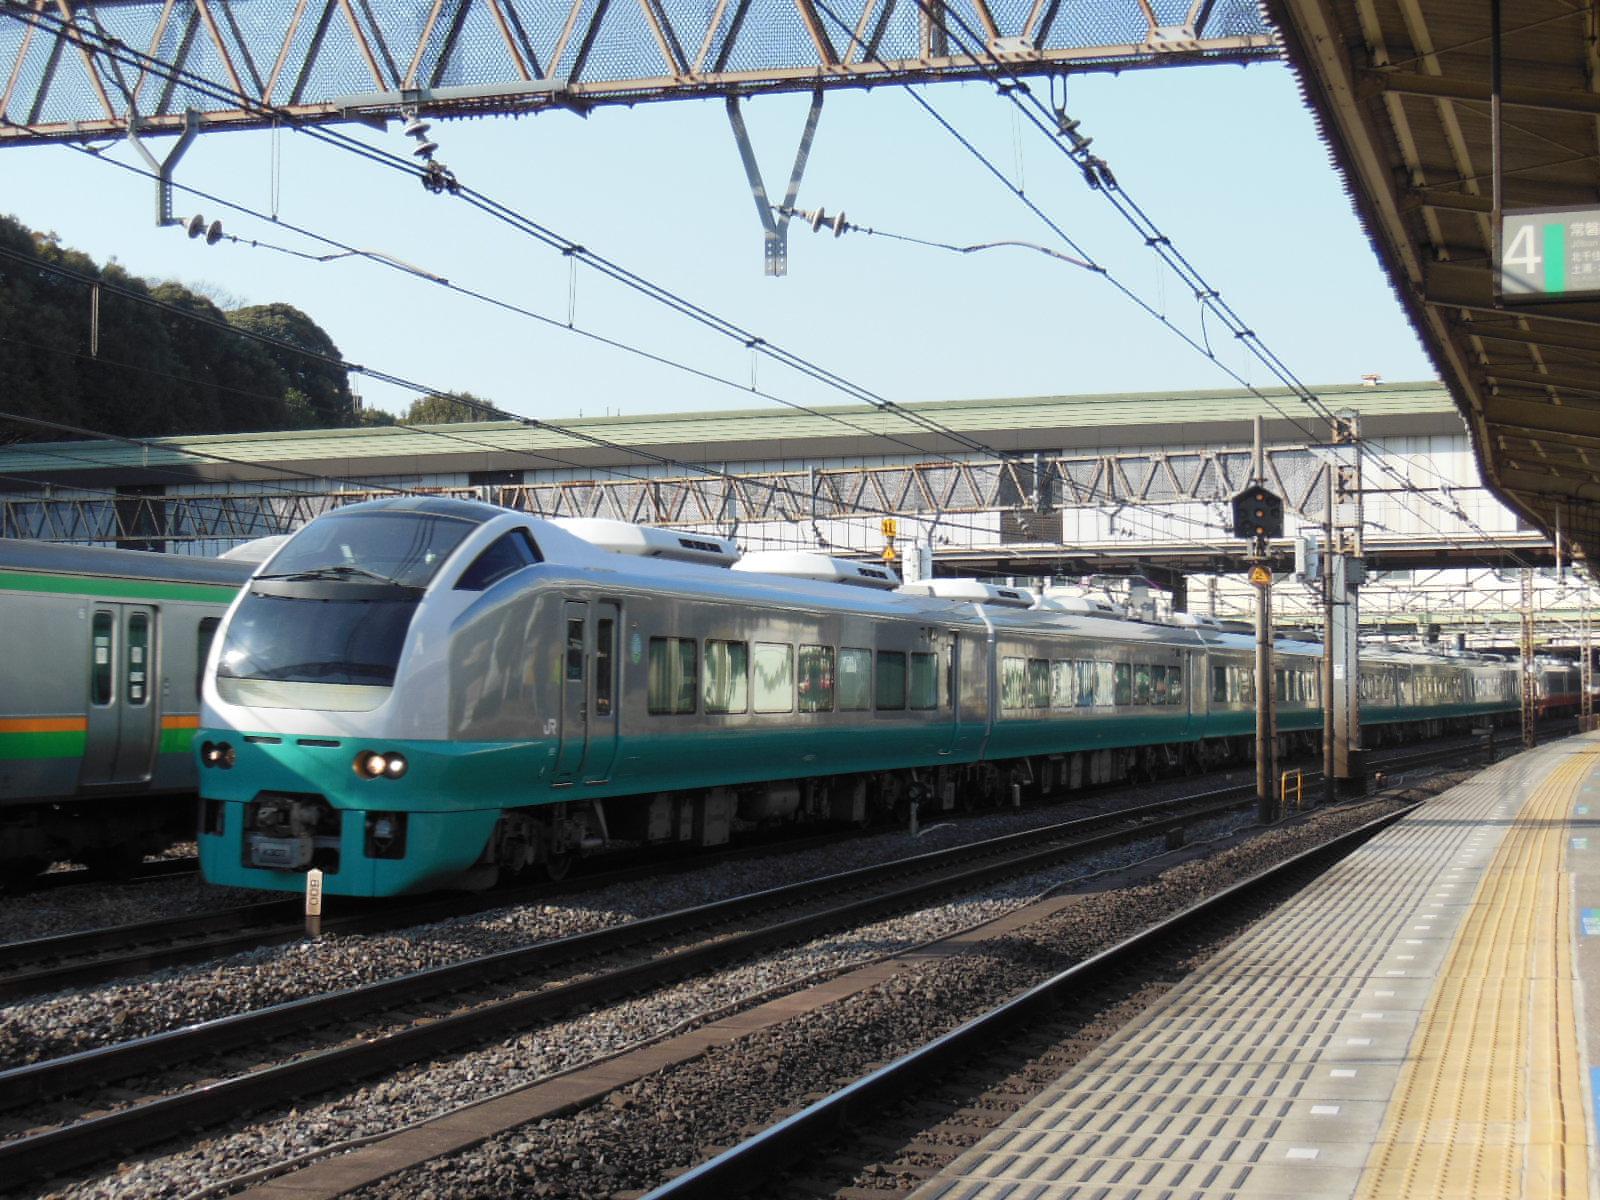 DSCN6735.jpg